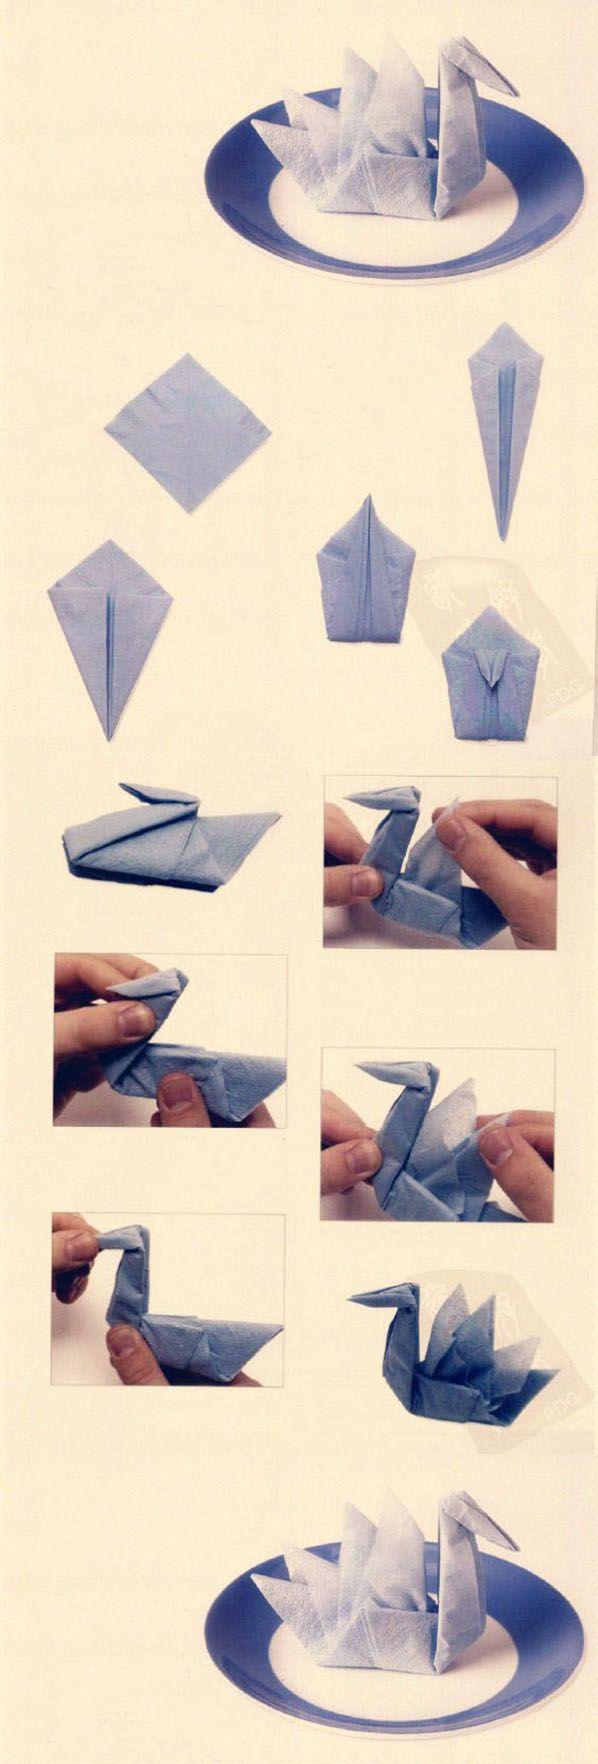 ナプキン折り方 つる | 紙ナプキン | Pinterest | Servietten, Nähen Und Basteln